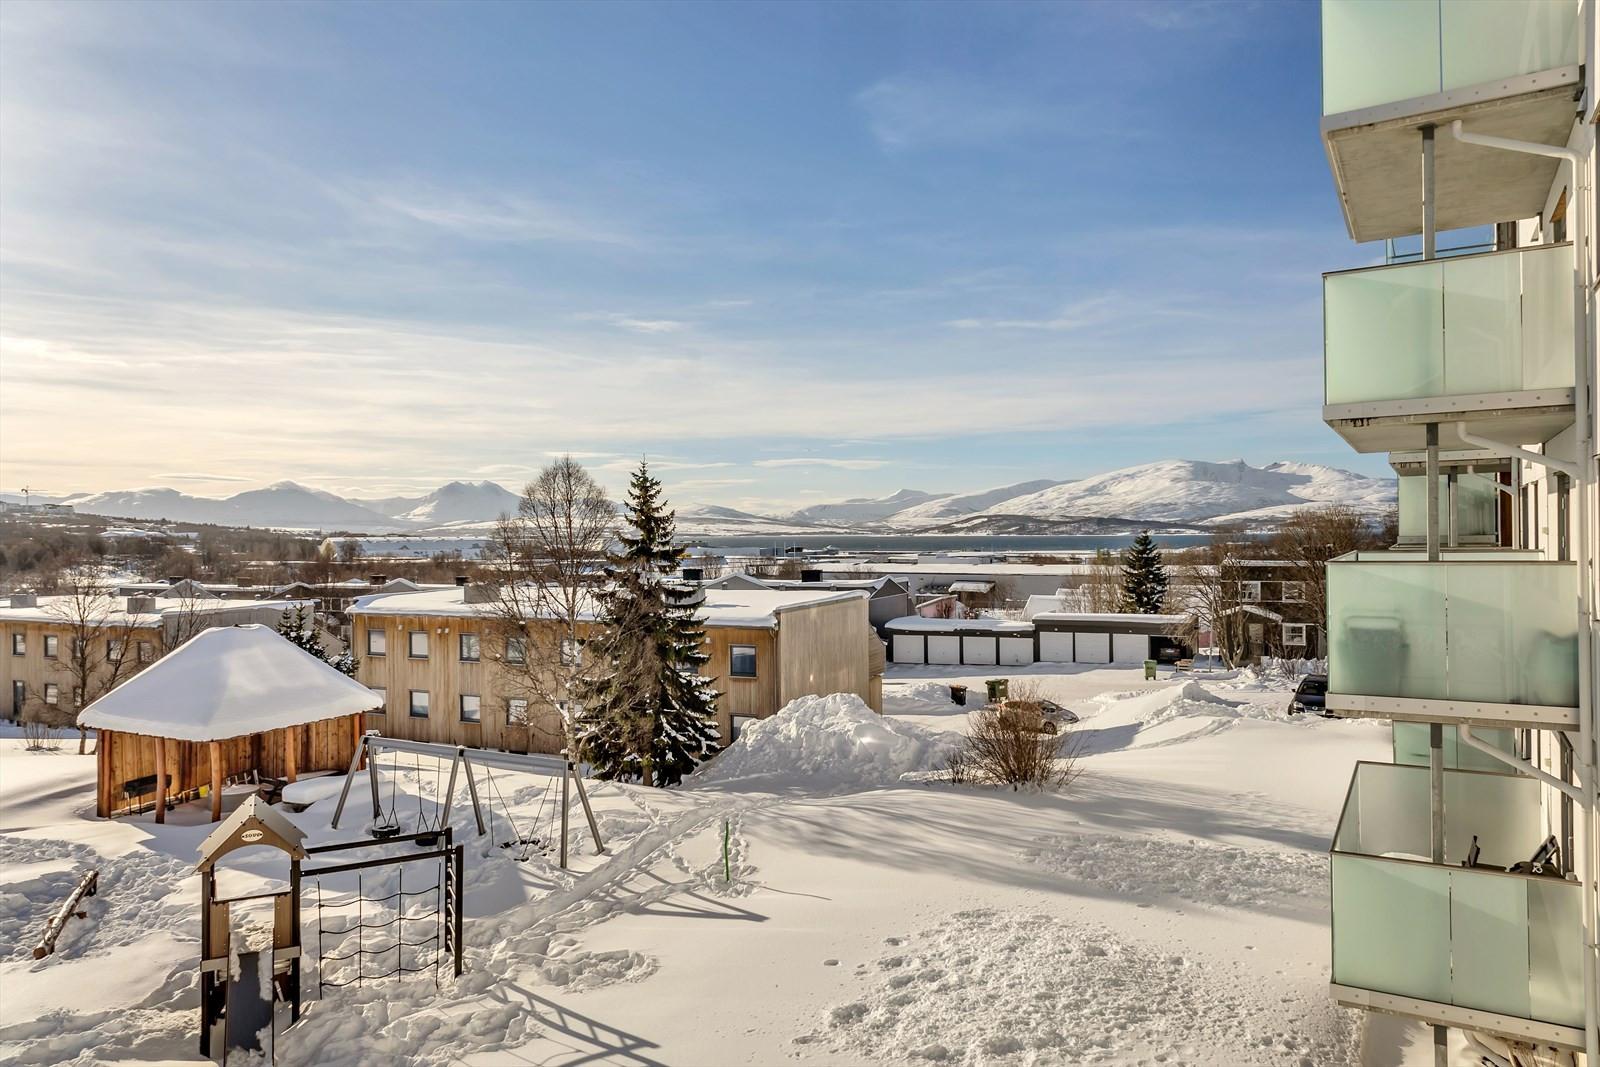 NYdelig utsikt mot sør mpt Tromsøya, Sandnessundet og fjellene på Kvaløya